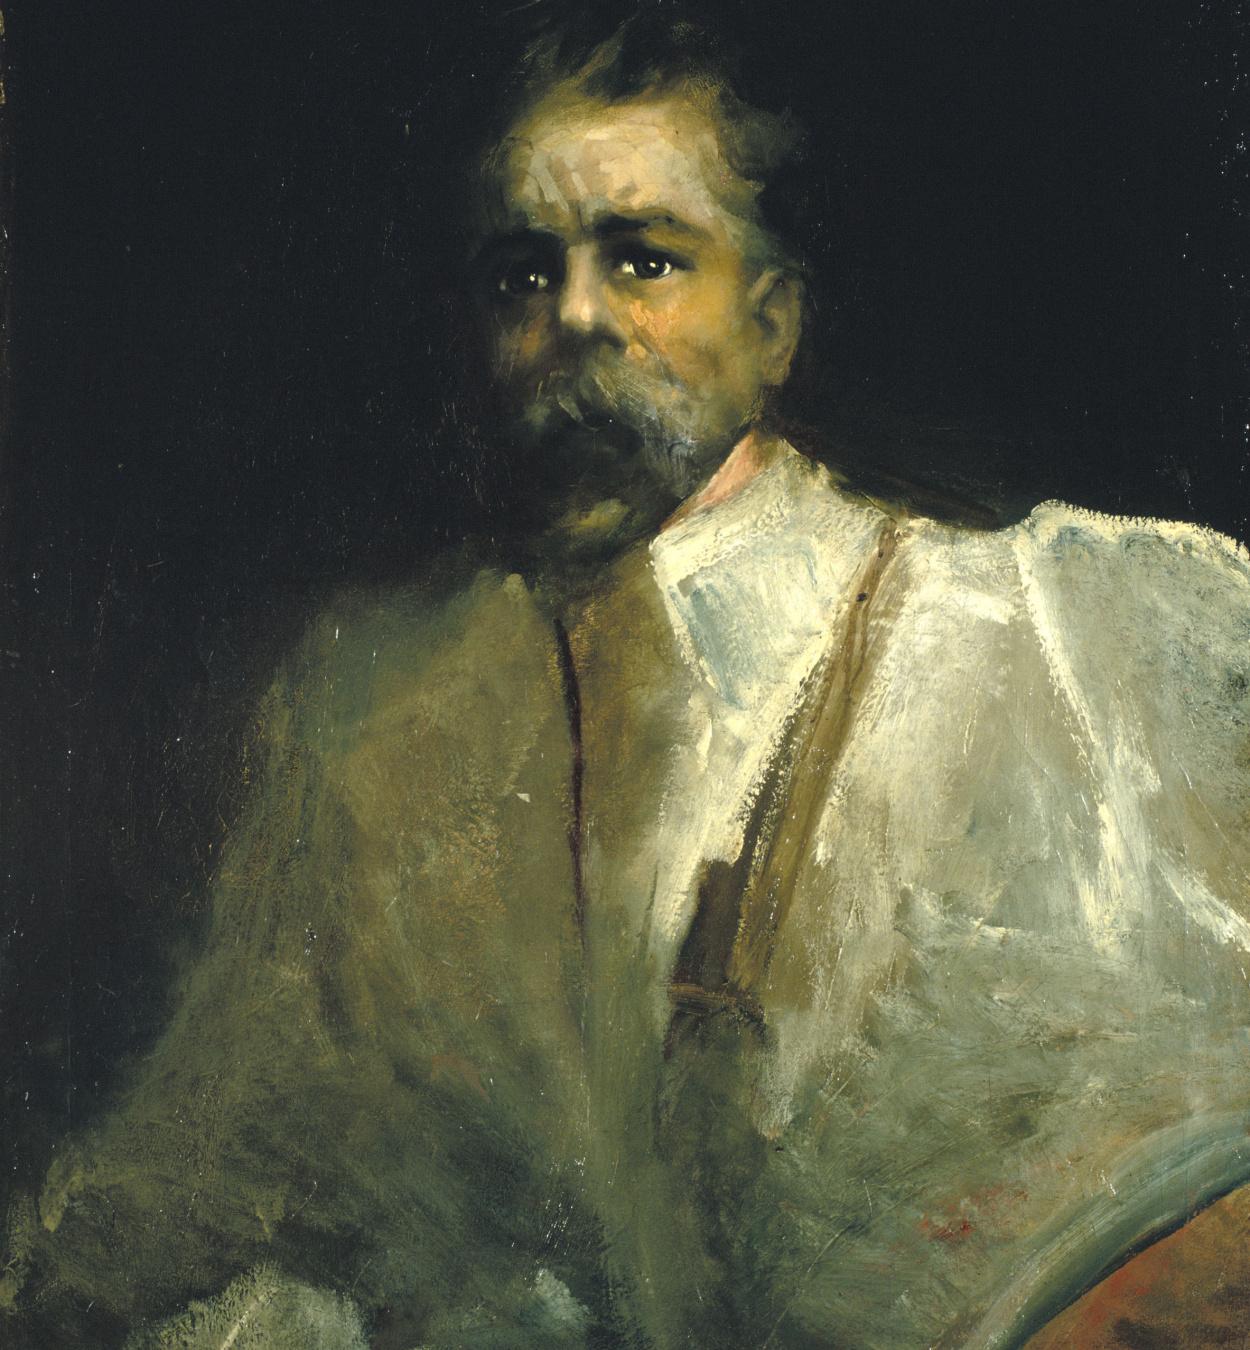 Aleix Clapés - Self-portrait  - Circa 1902